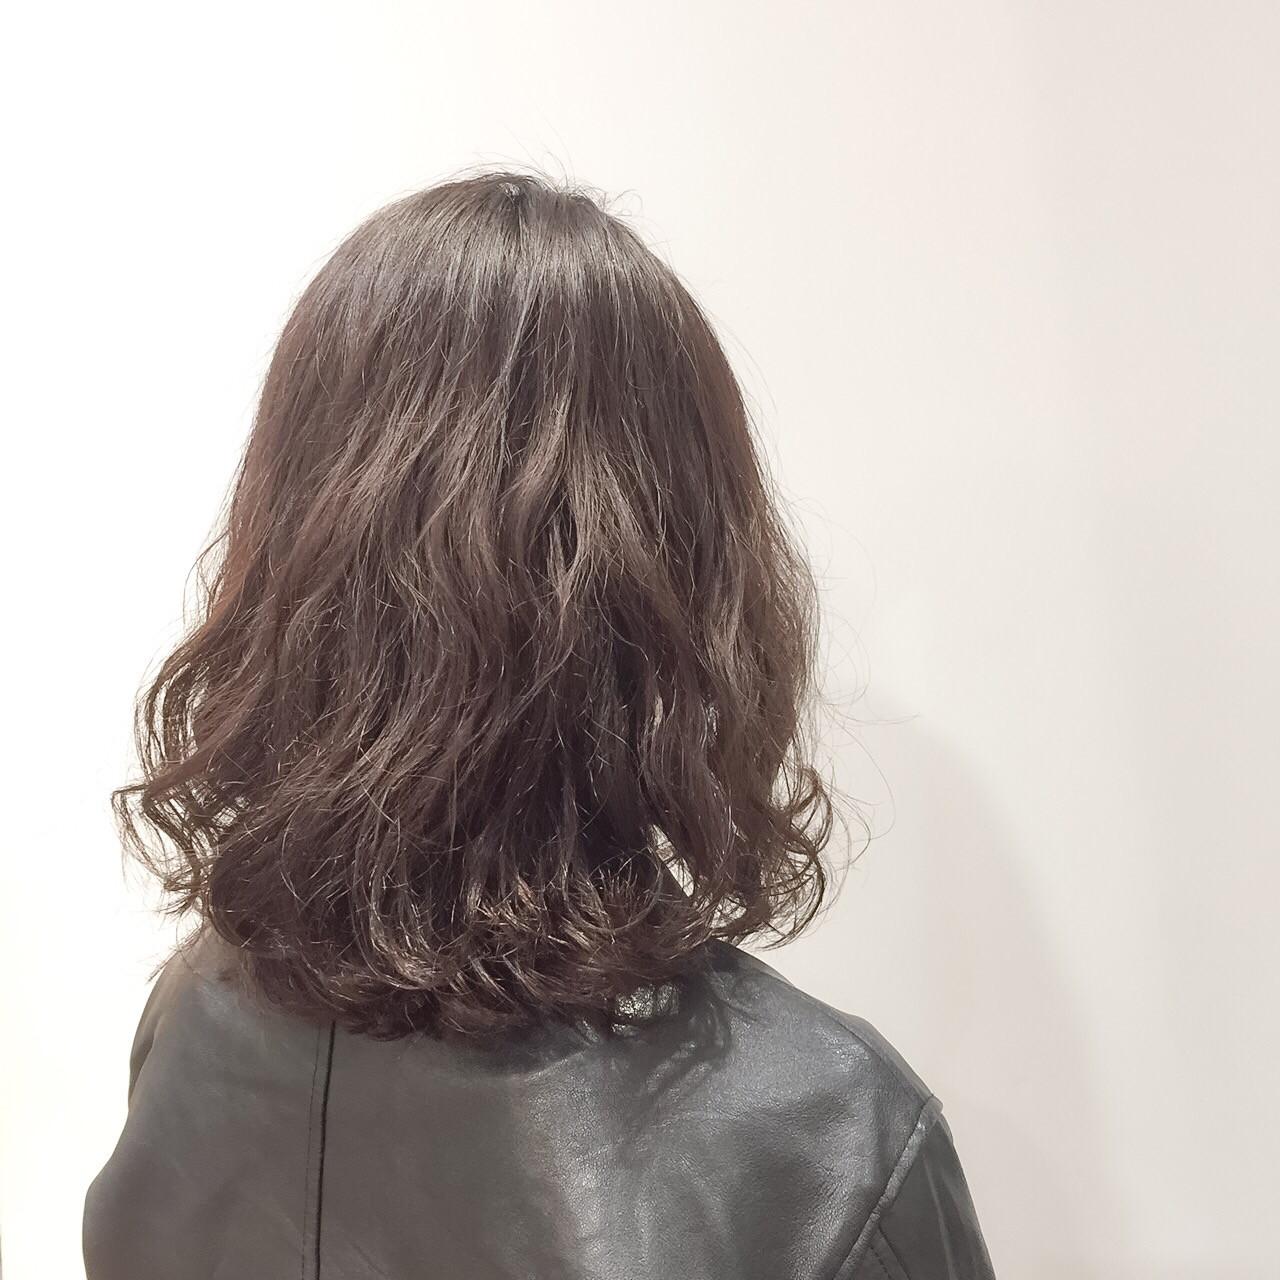 ウェーブ ナチュラル ボブ アッシュ ヘアスタイルや髪型の写真・画像